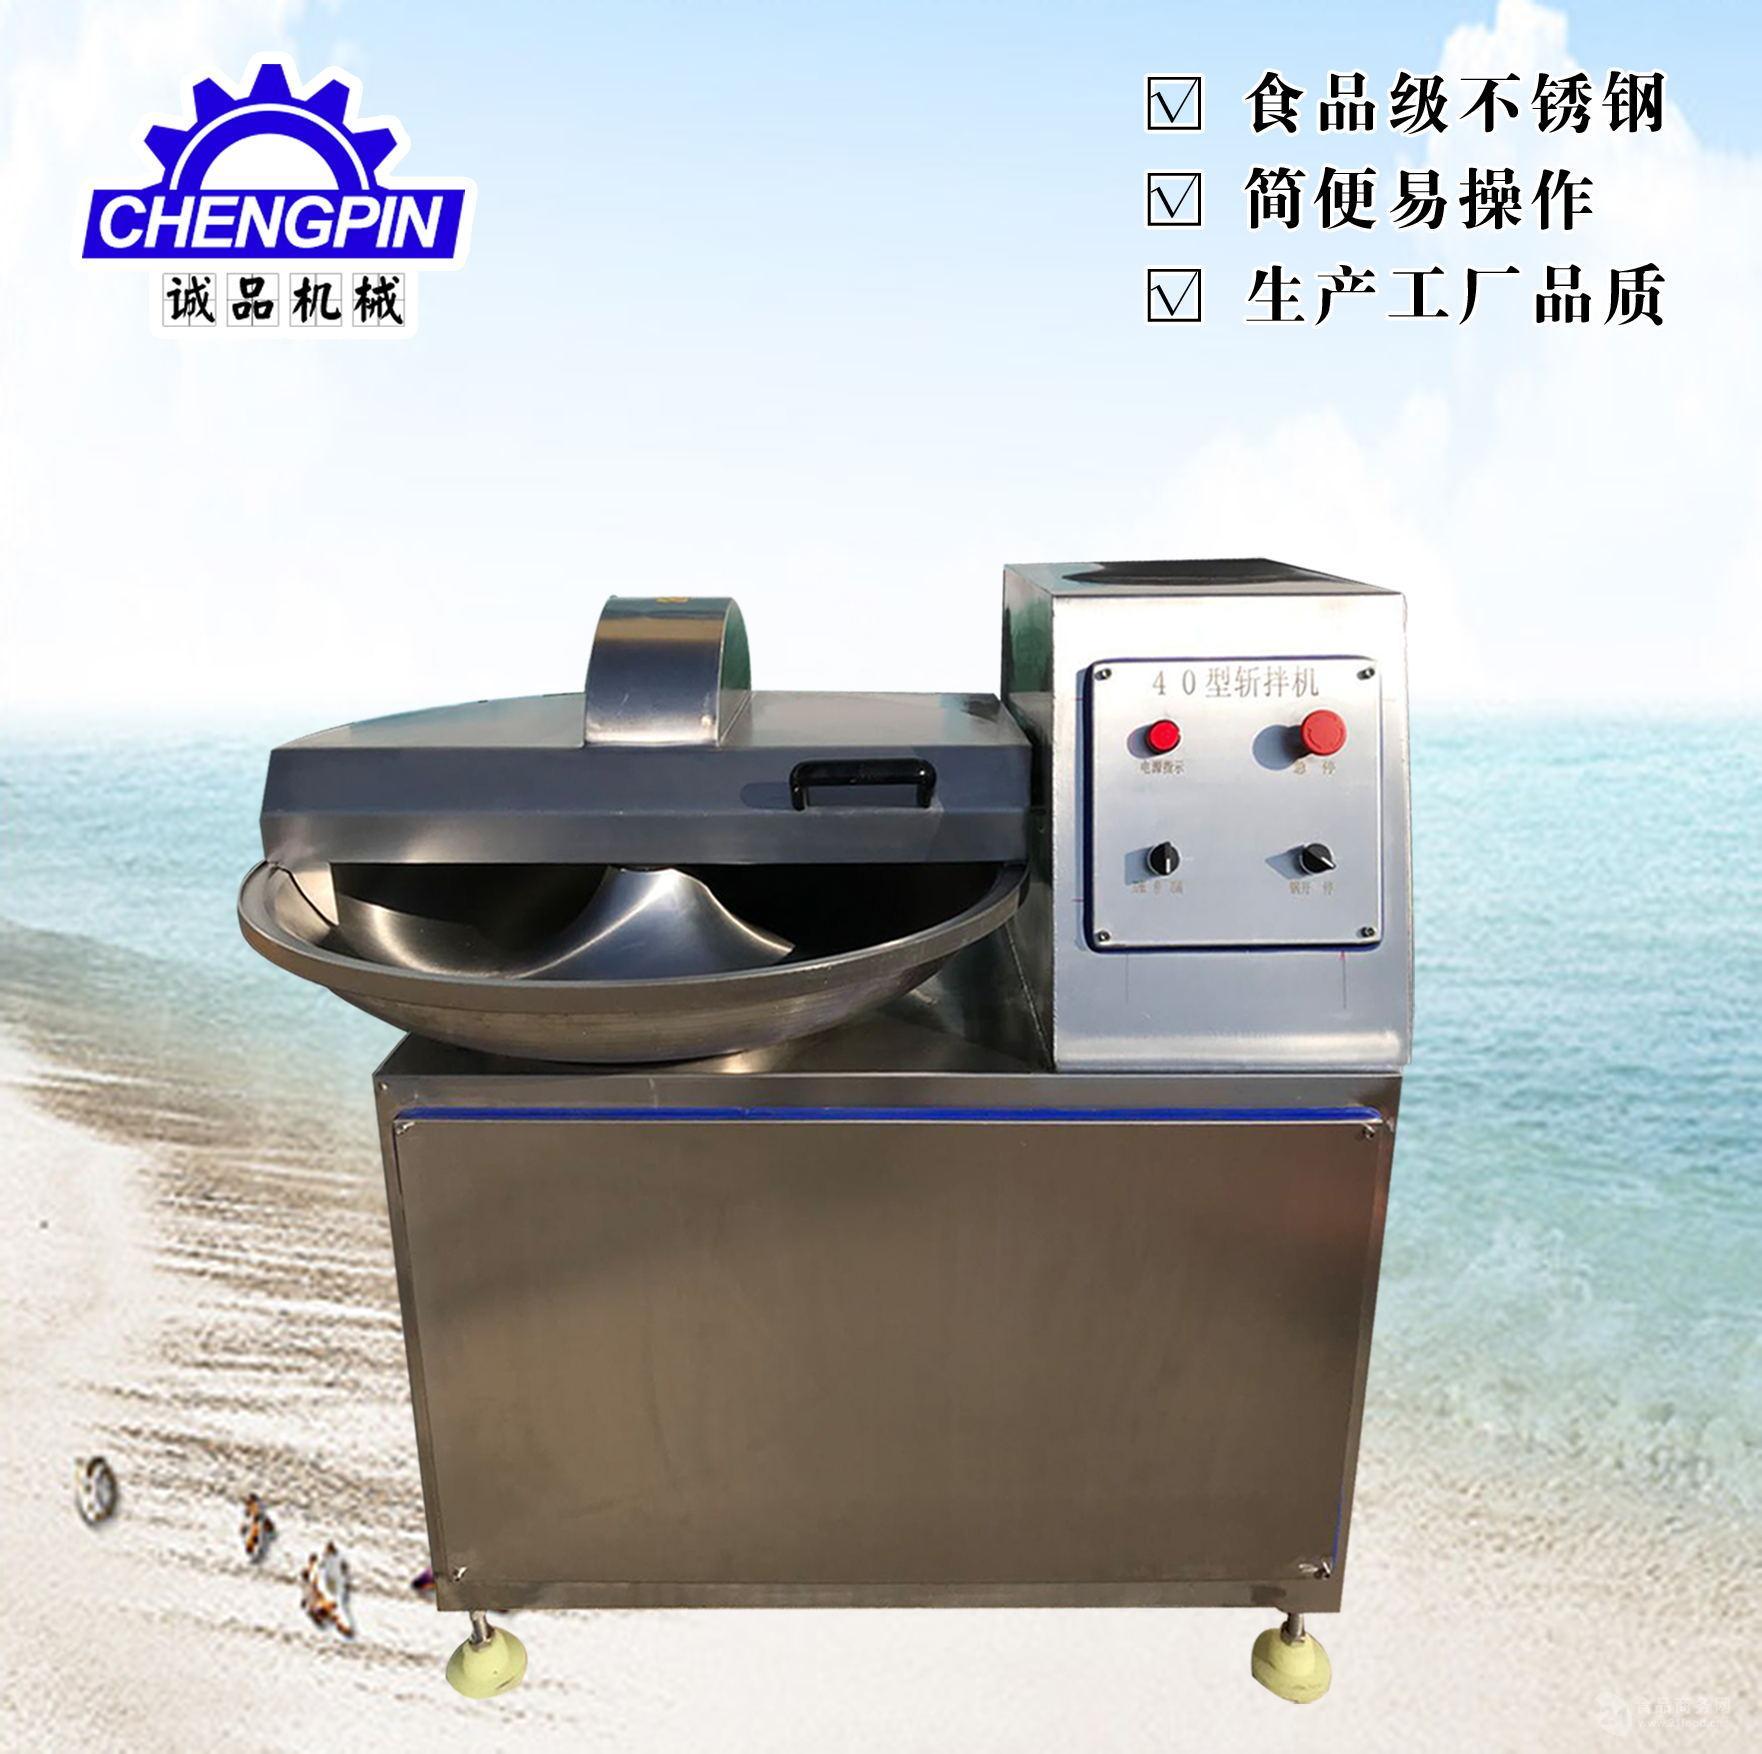 诚品肉泥斩拌机 小型斩拌机节能高效 质量可靠 欢迎选购